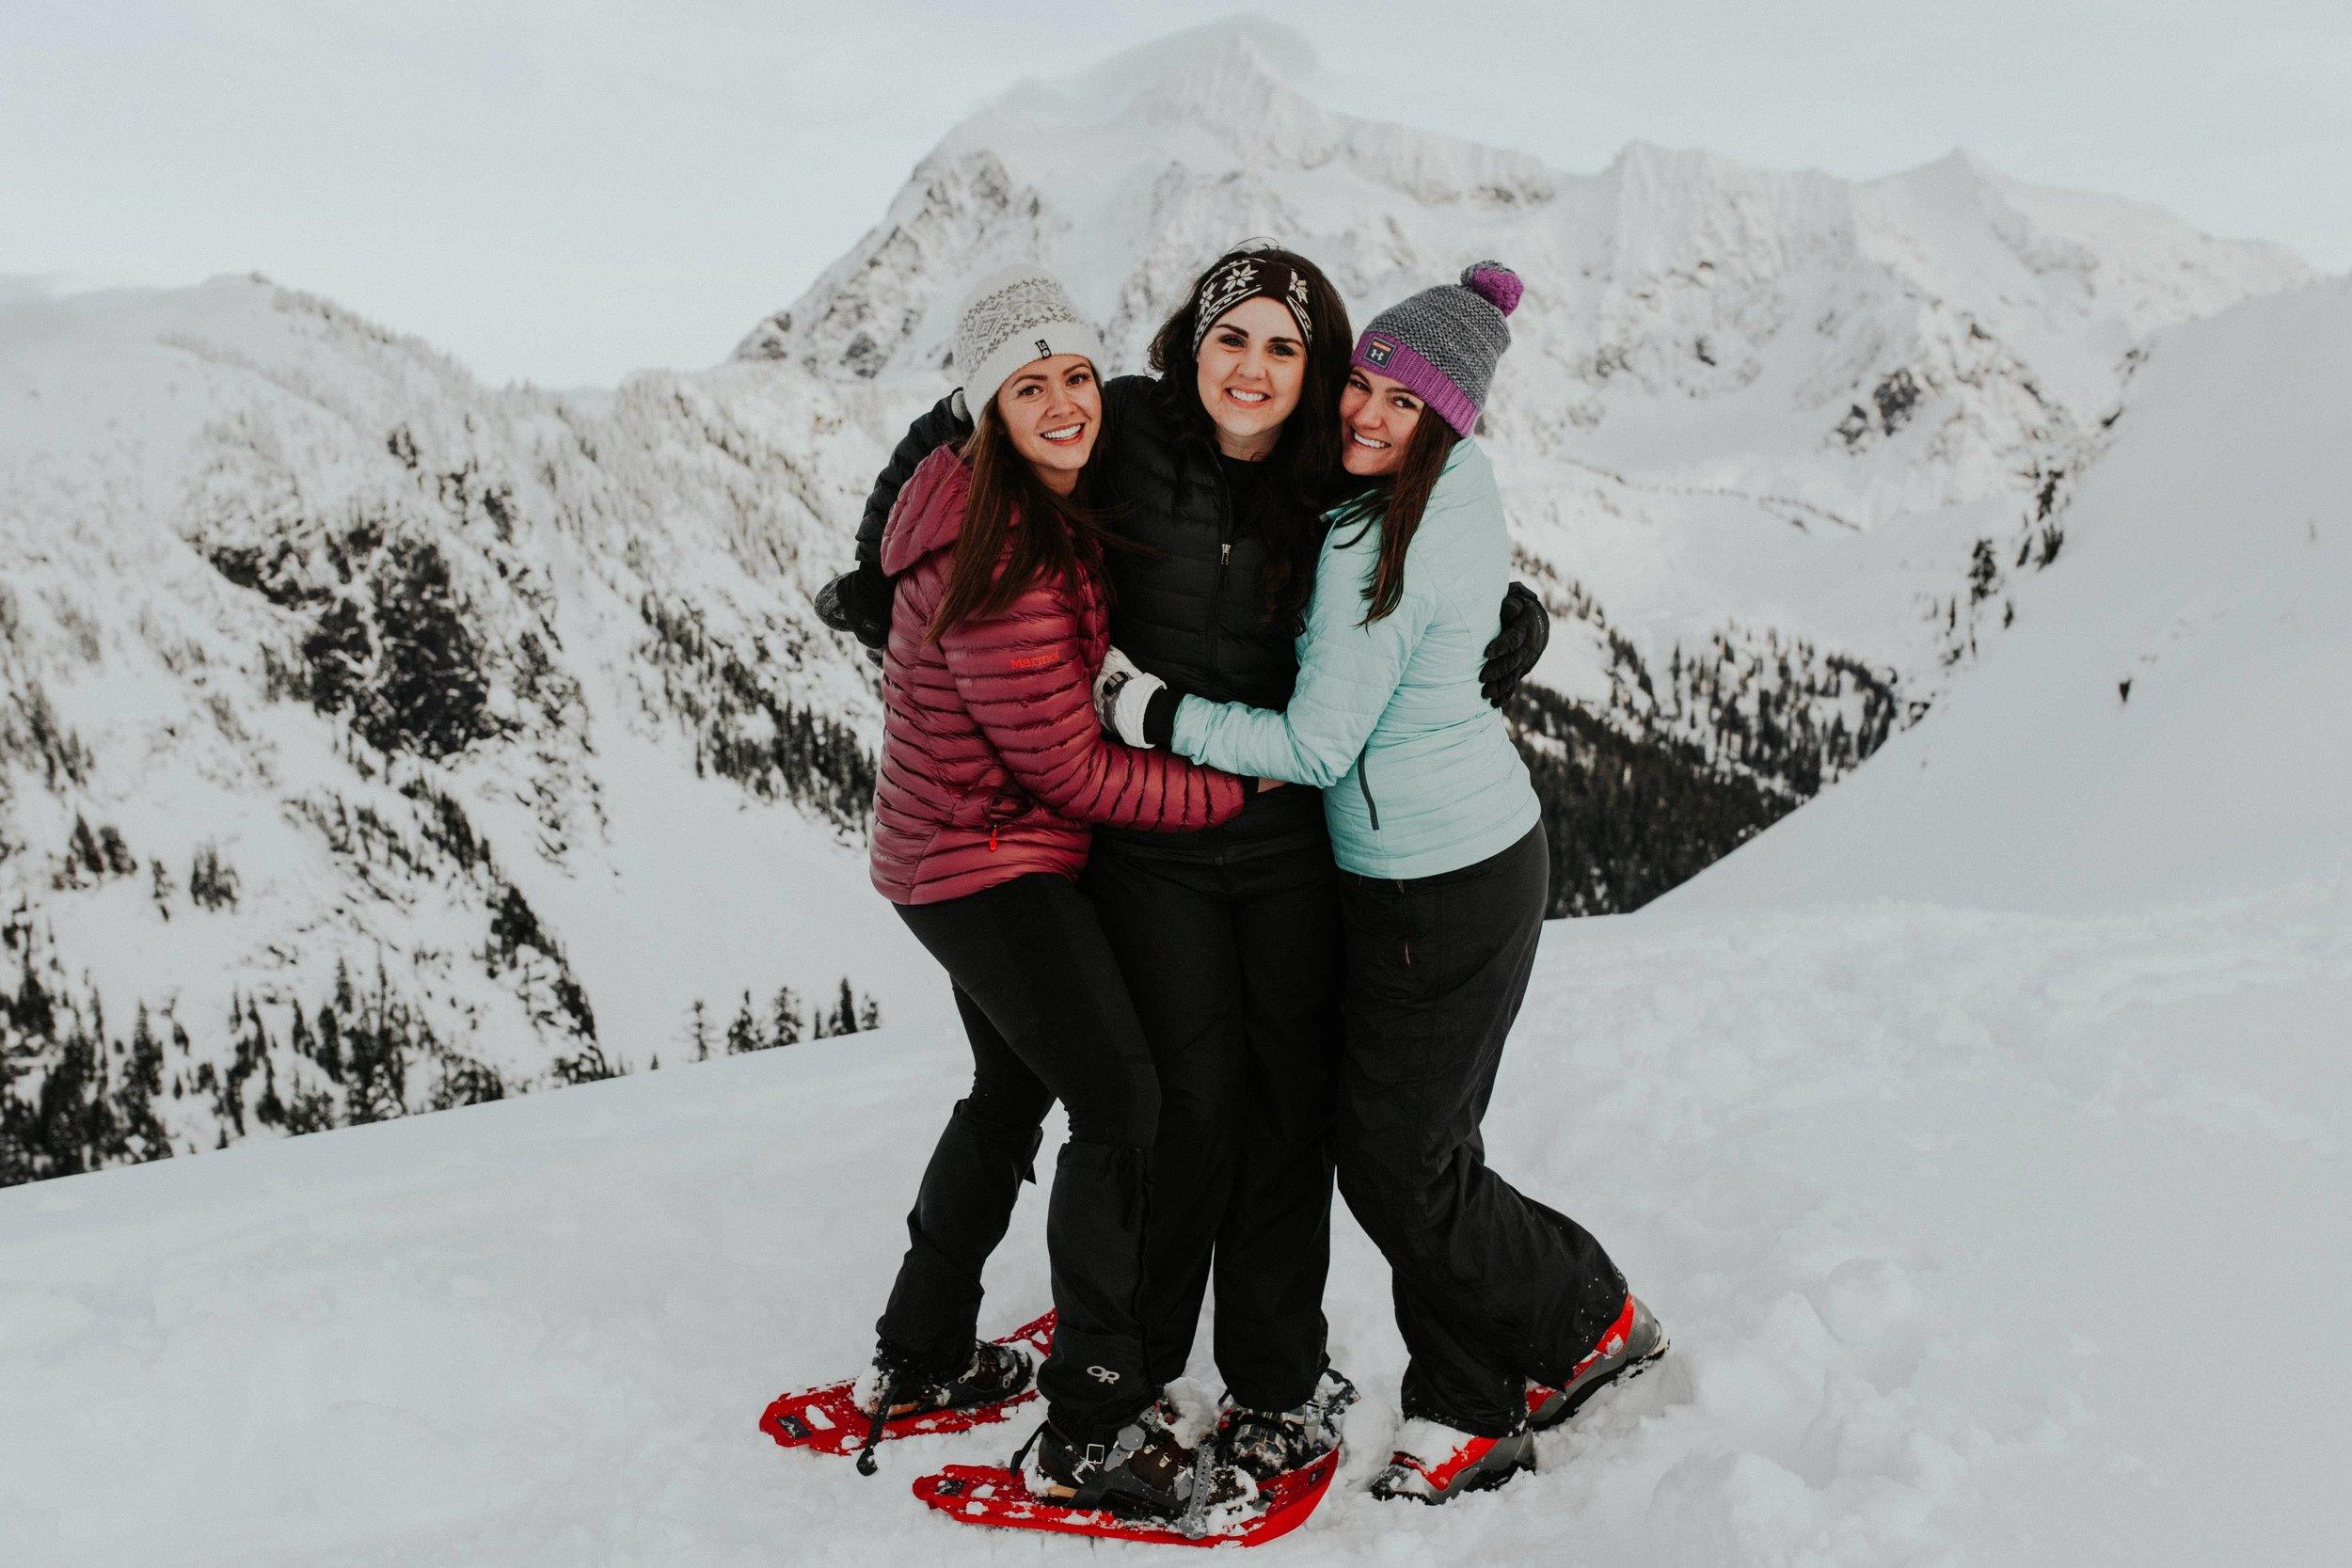 north-cascades-mount-baker-snow-camping-girls-weekend.jpg